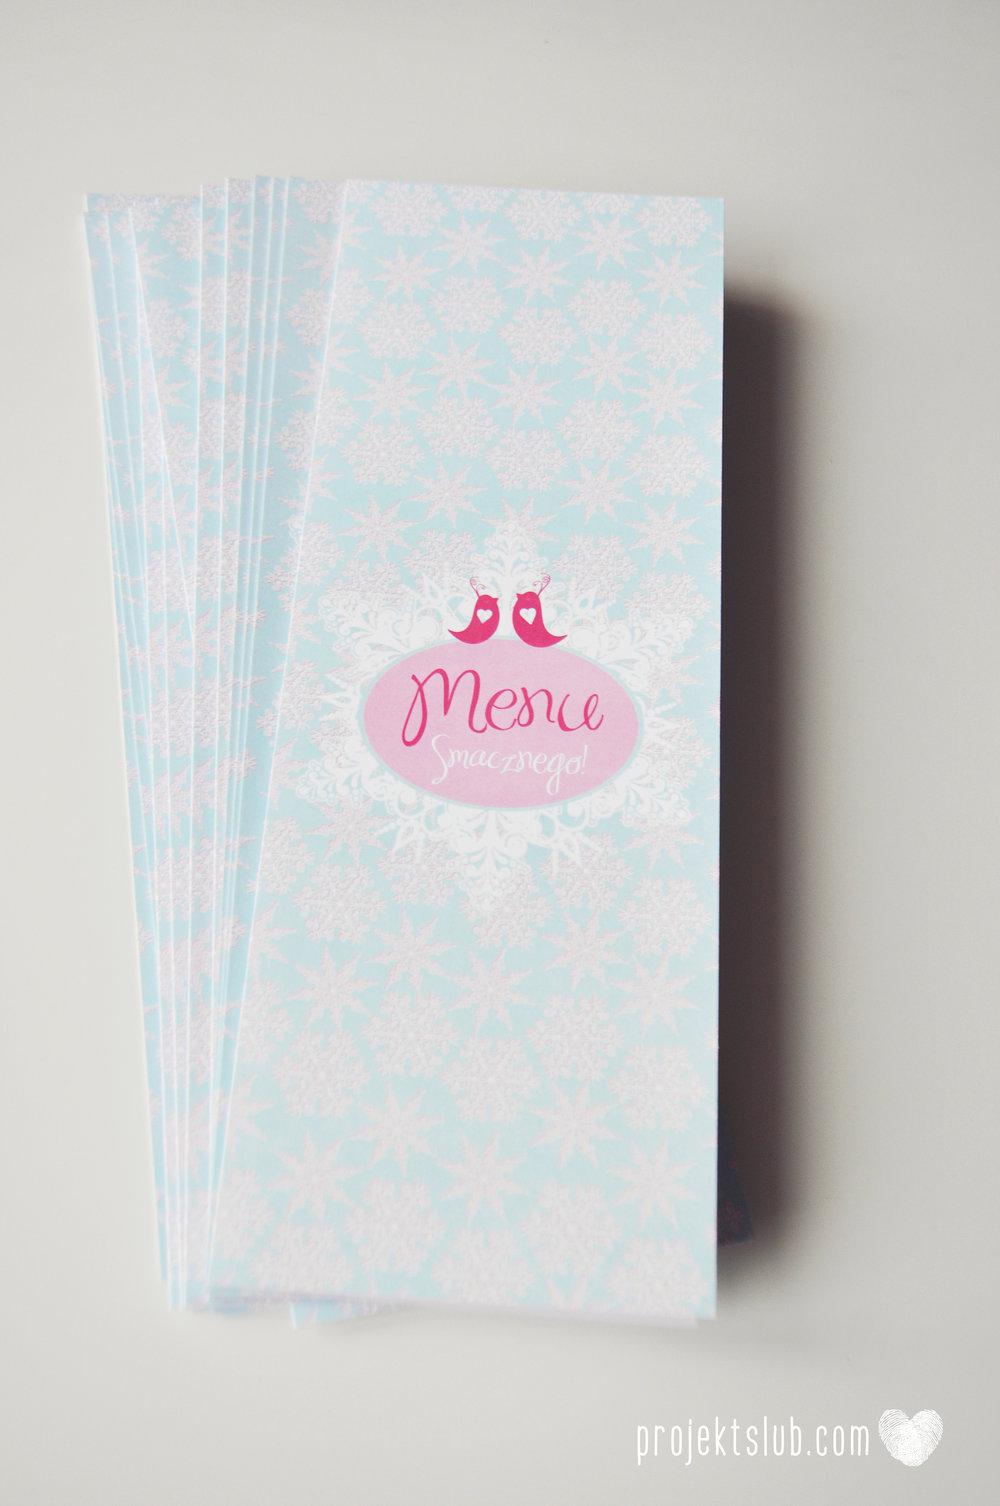 zaproszenia-dodatki-ślubne-eleganckie-glamour-zimowe-ptaszki-zaproszenia-na-zimowy-ślub-śnieżynki-płatki-śniegu-róż-błękit-biel-zaproszenia-projekt-ślub (3).JPG